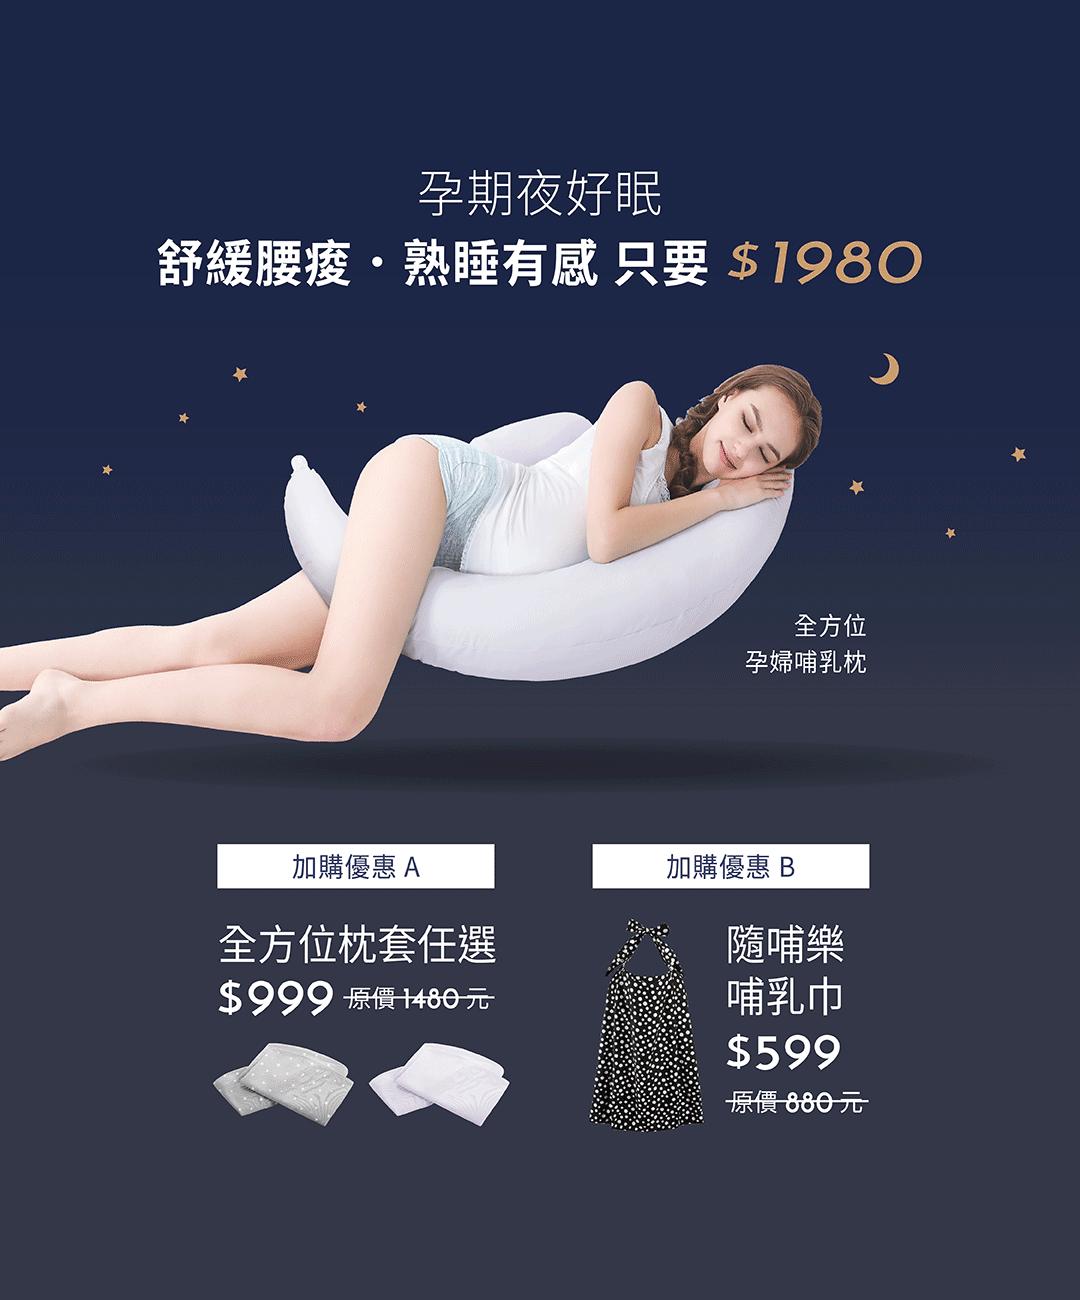 六甲村,炫涼馬卡龍孕婦哺乳枕,暖星棉柔孕婦哺乳枕,無染棉,月亮枕,哺乳巾